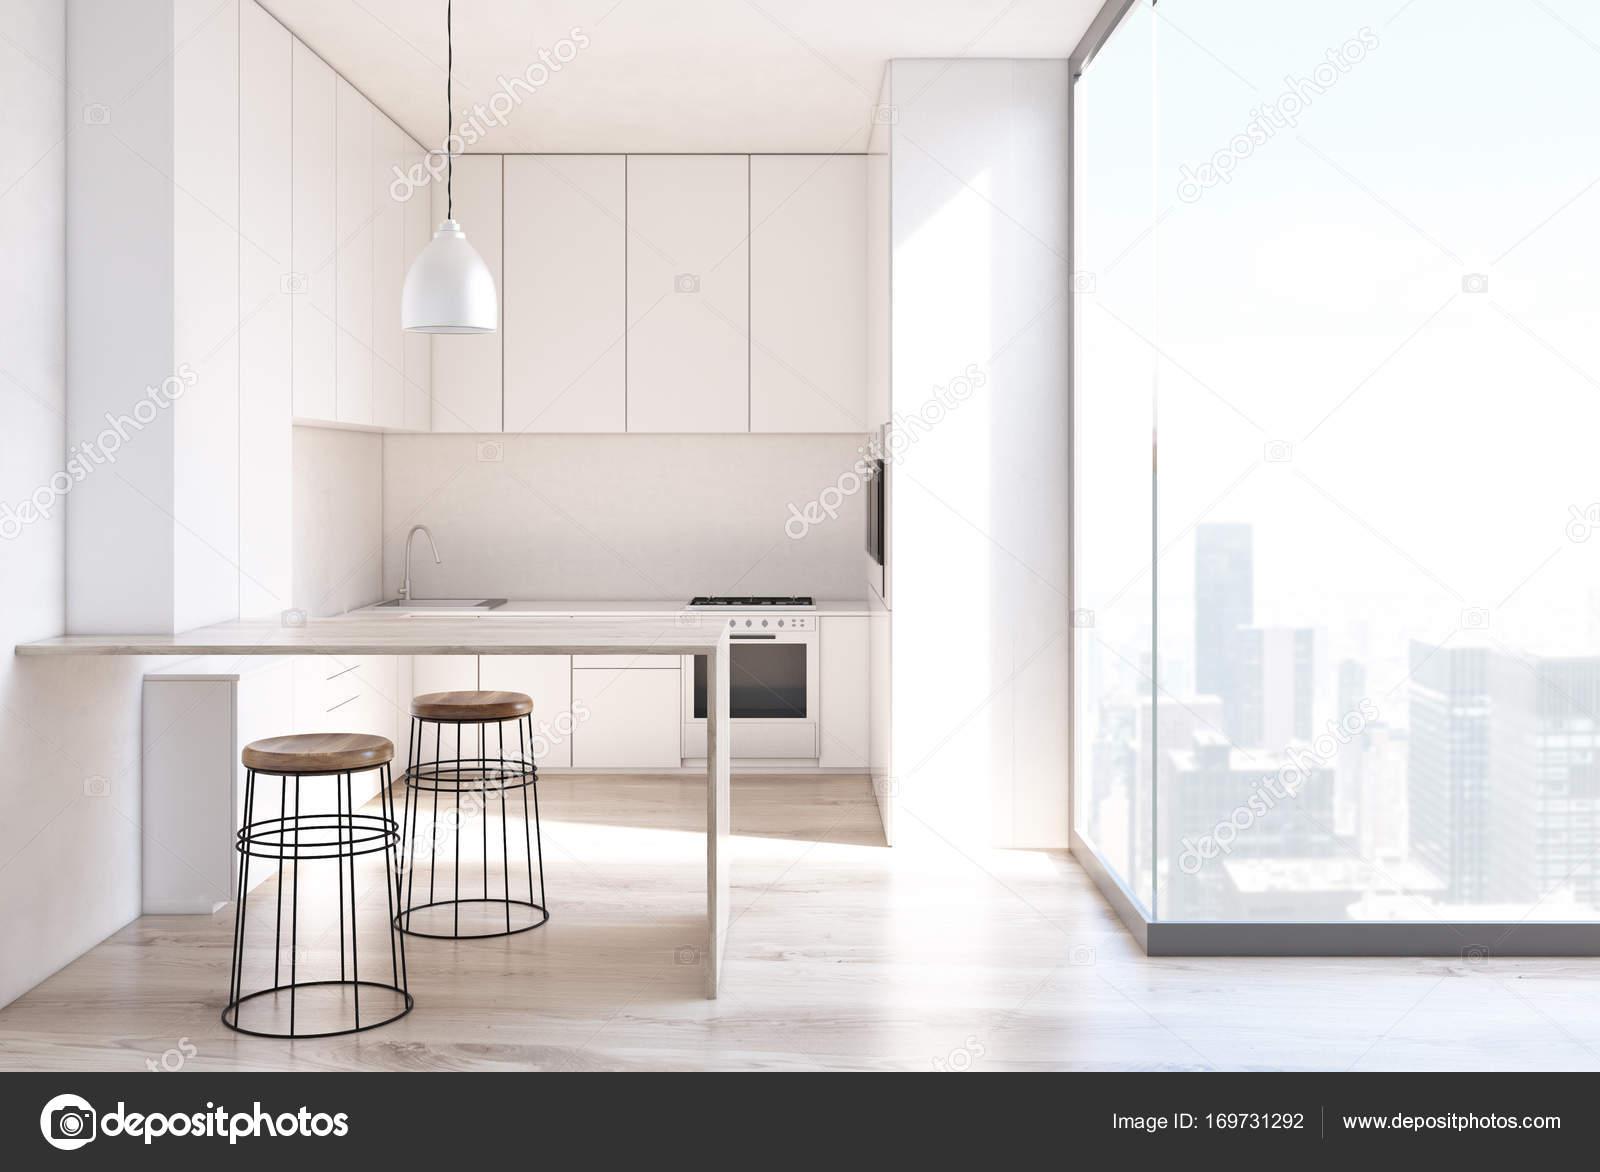 Keuken Interieur Scandinavisch : Scandinavische keuken interieur bar stand loft u stockfoto